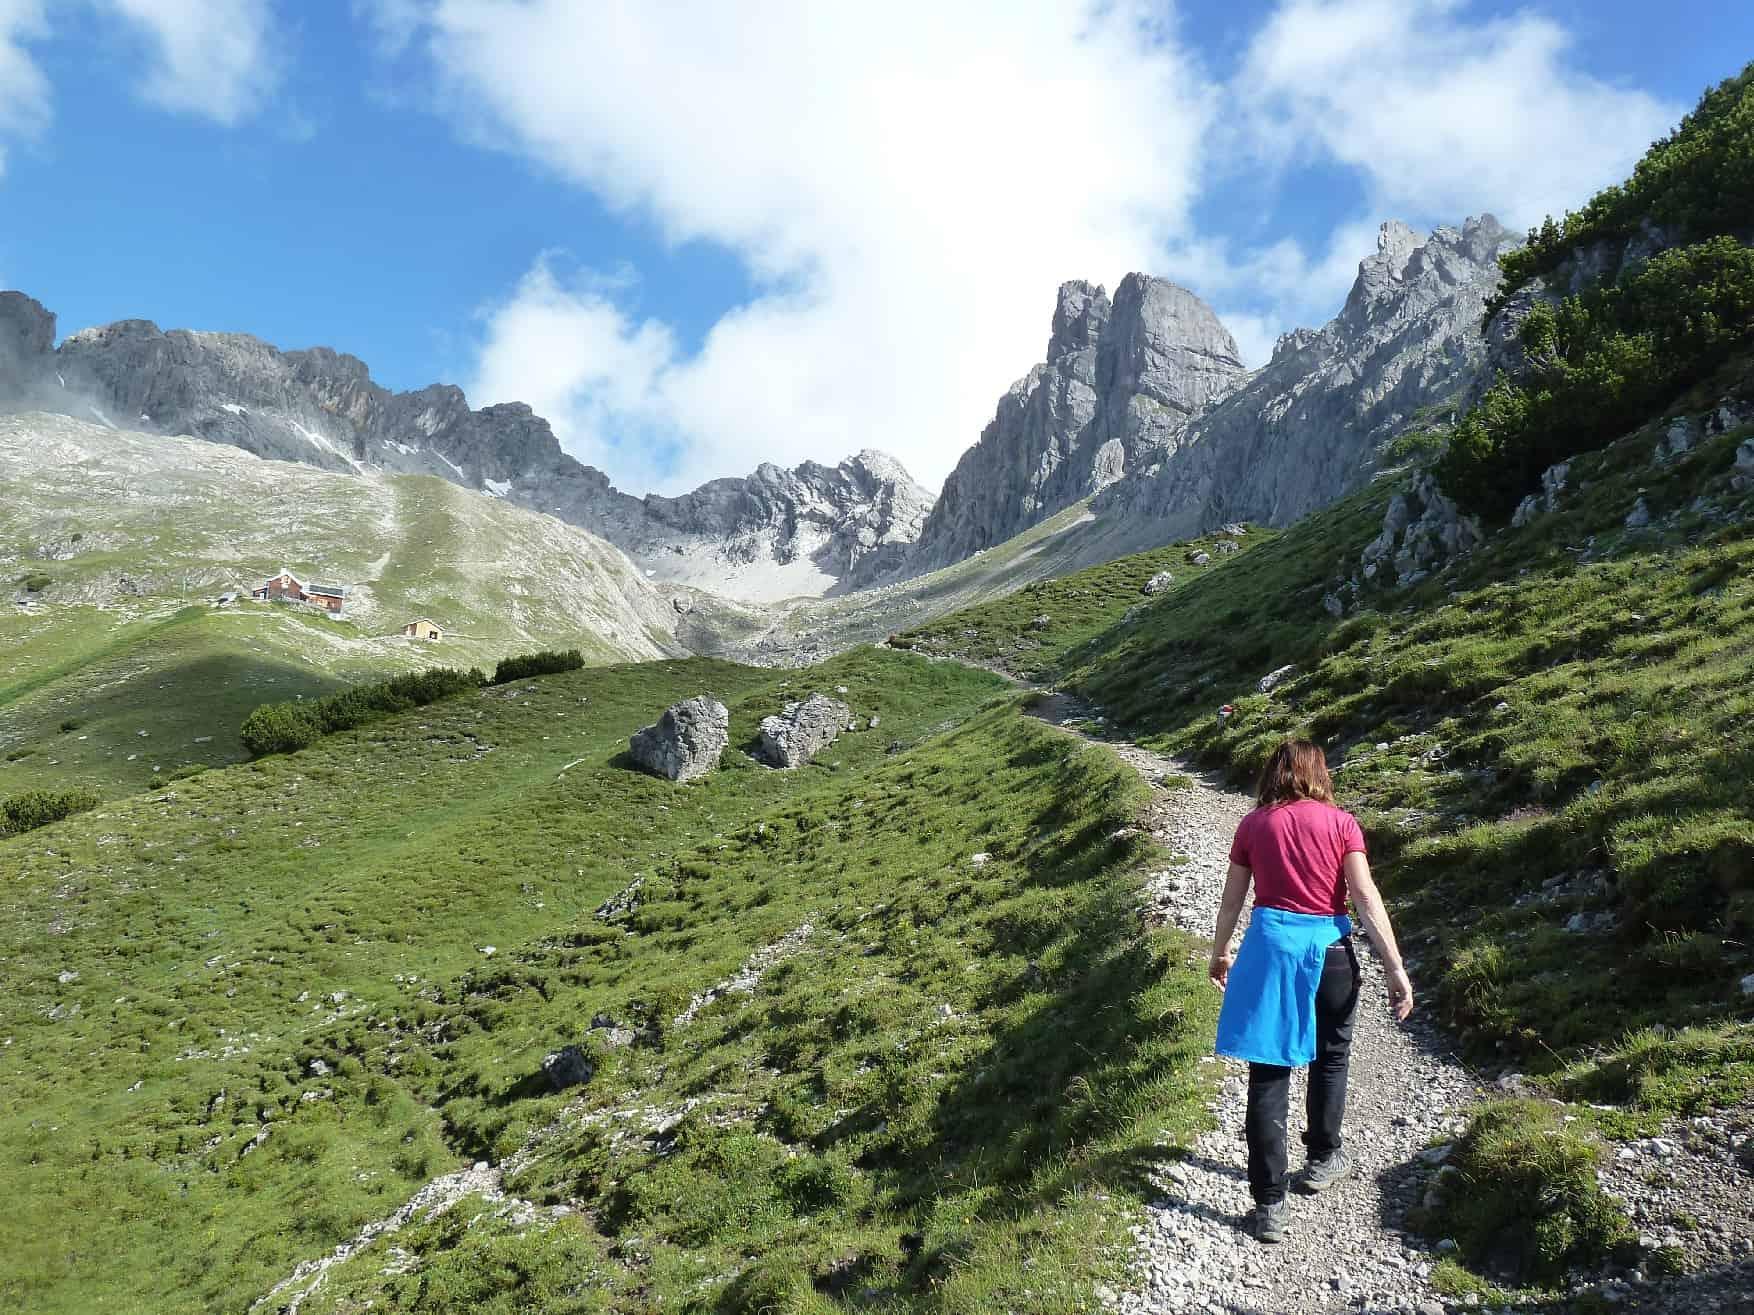 Klettern an der Wolfebnerspitze